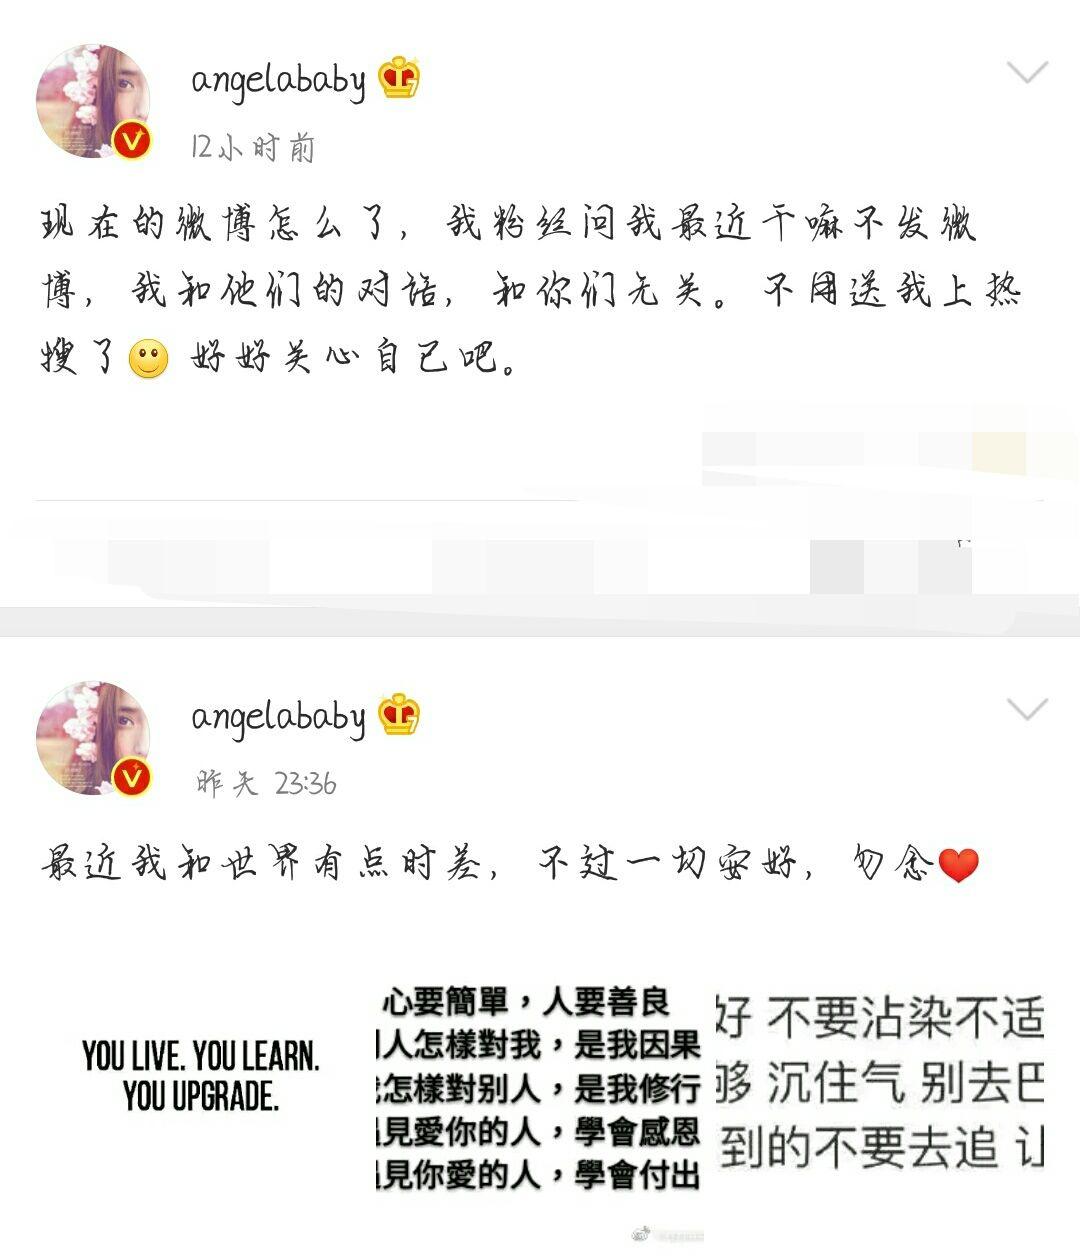 baby杨颖正面刚网友后,遭粉丝喊男性化的称号,她的反应很暖